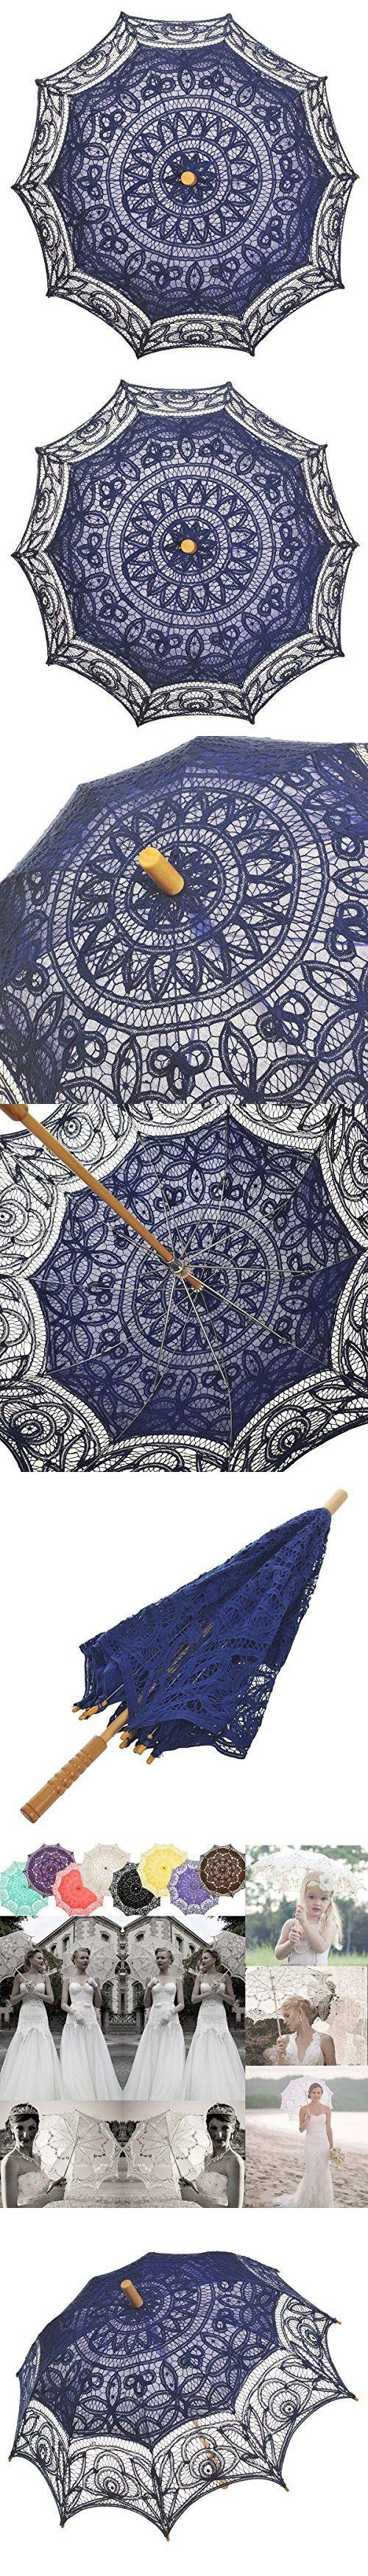 Remedios(19 colors) Lace Parasol Umbrella Wedding Bridal Decoration Royal Blue